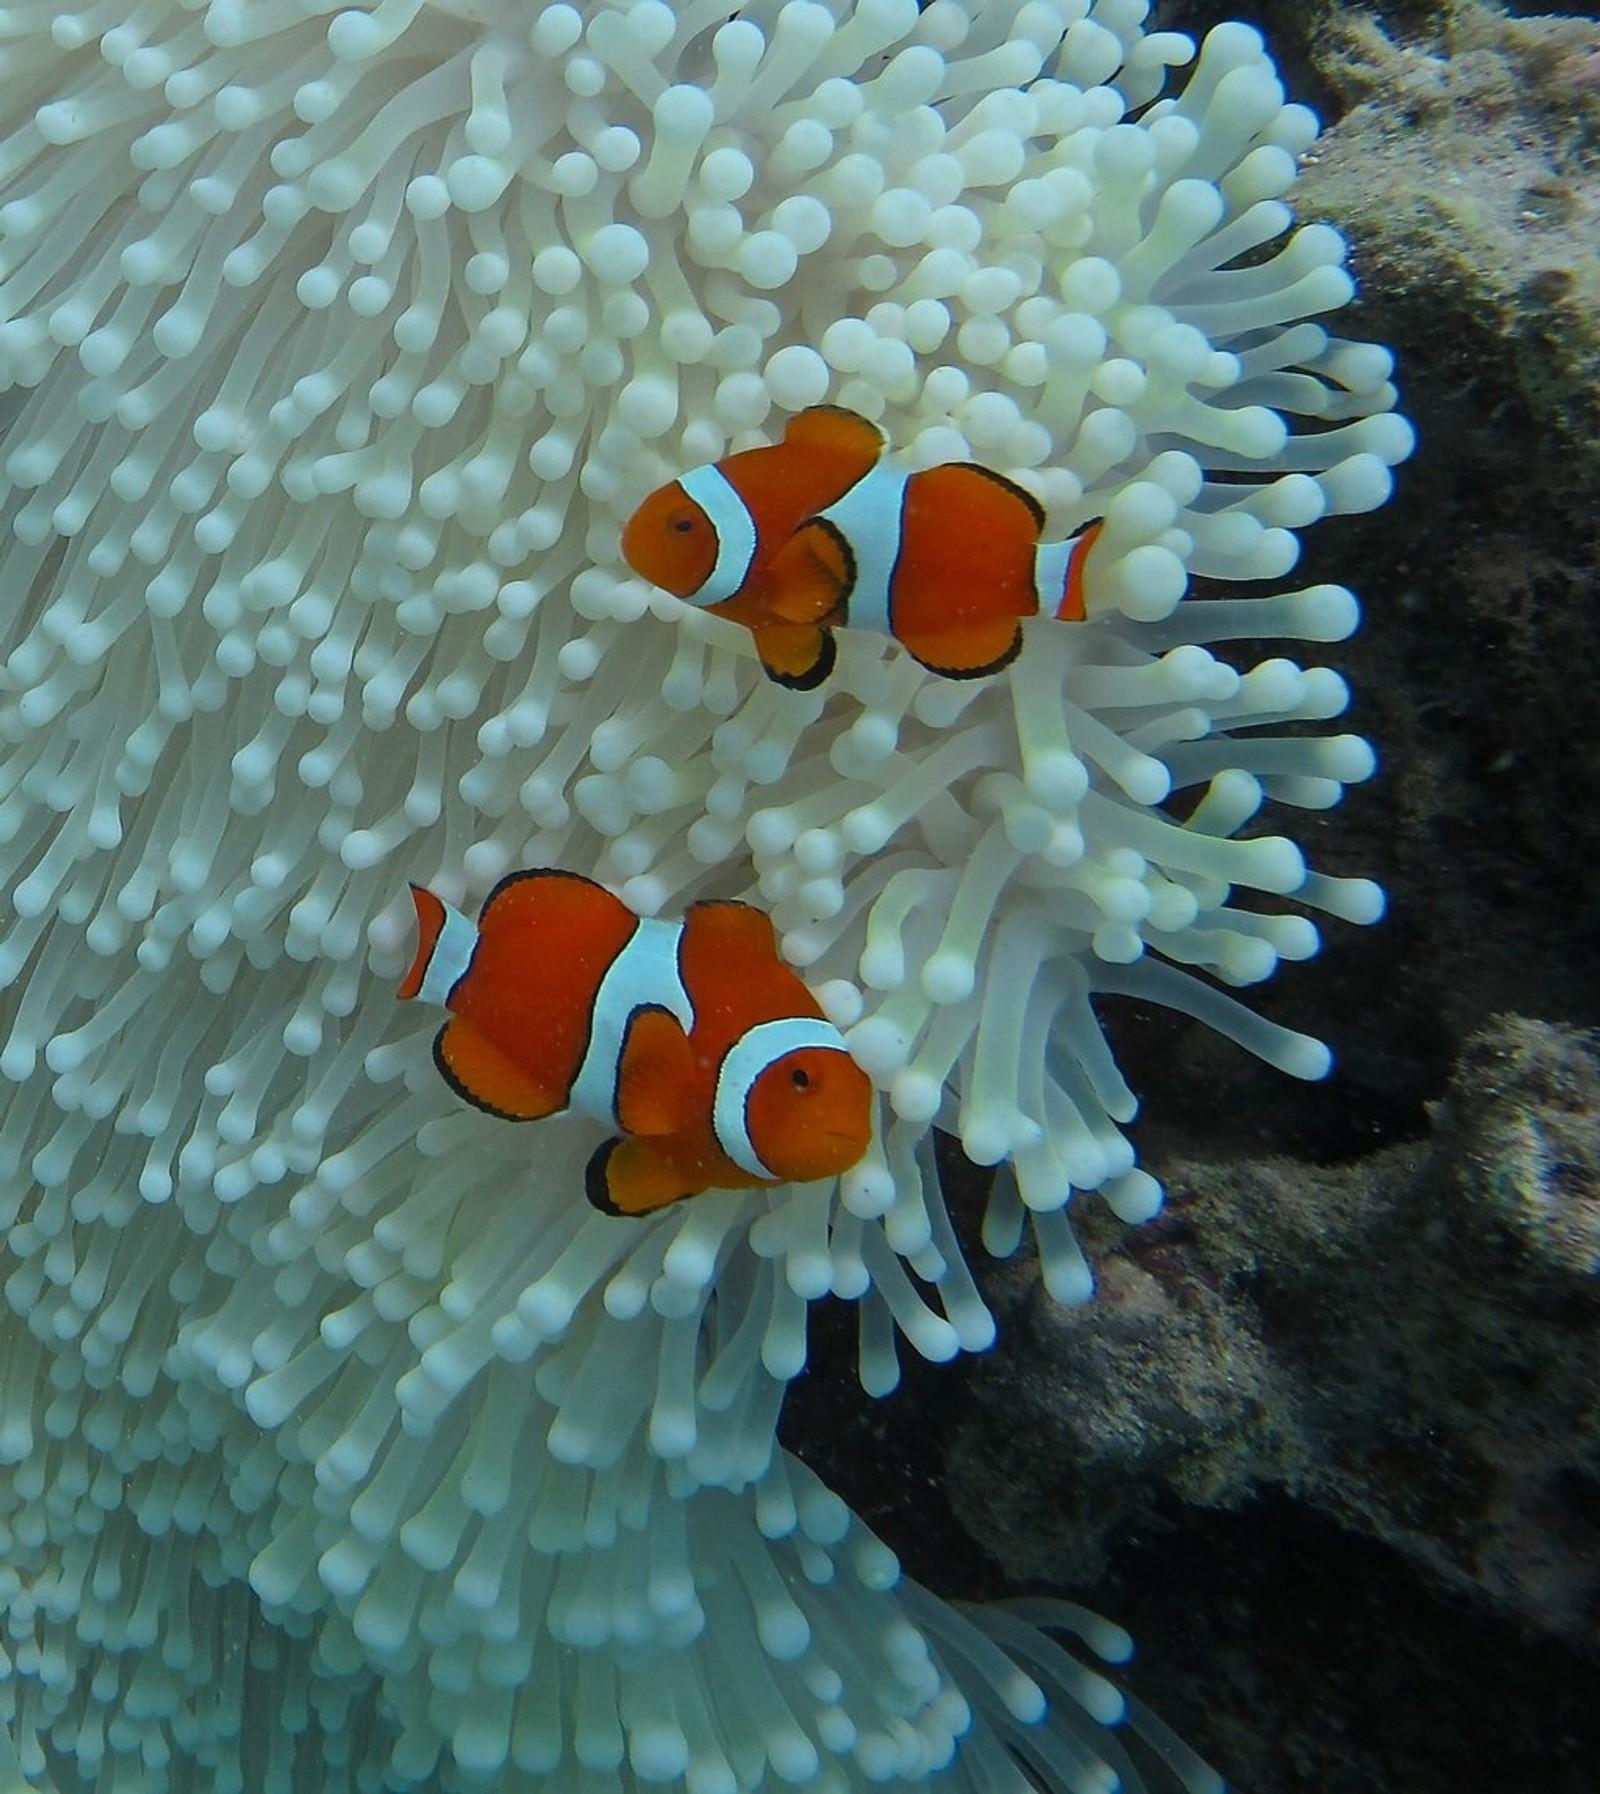 Klovenfisken ved Great Barrier Reef på en anemone som er bleket, etter at vannet i området har hatt en høyere temperatur enn det bruker.